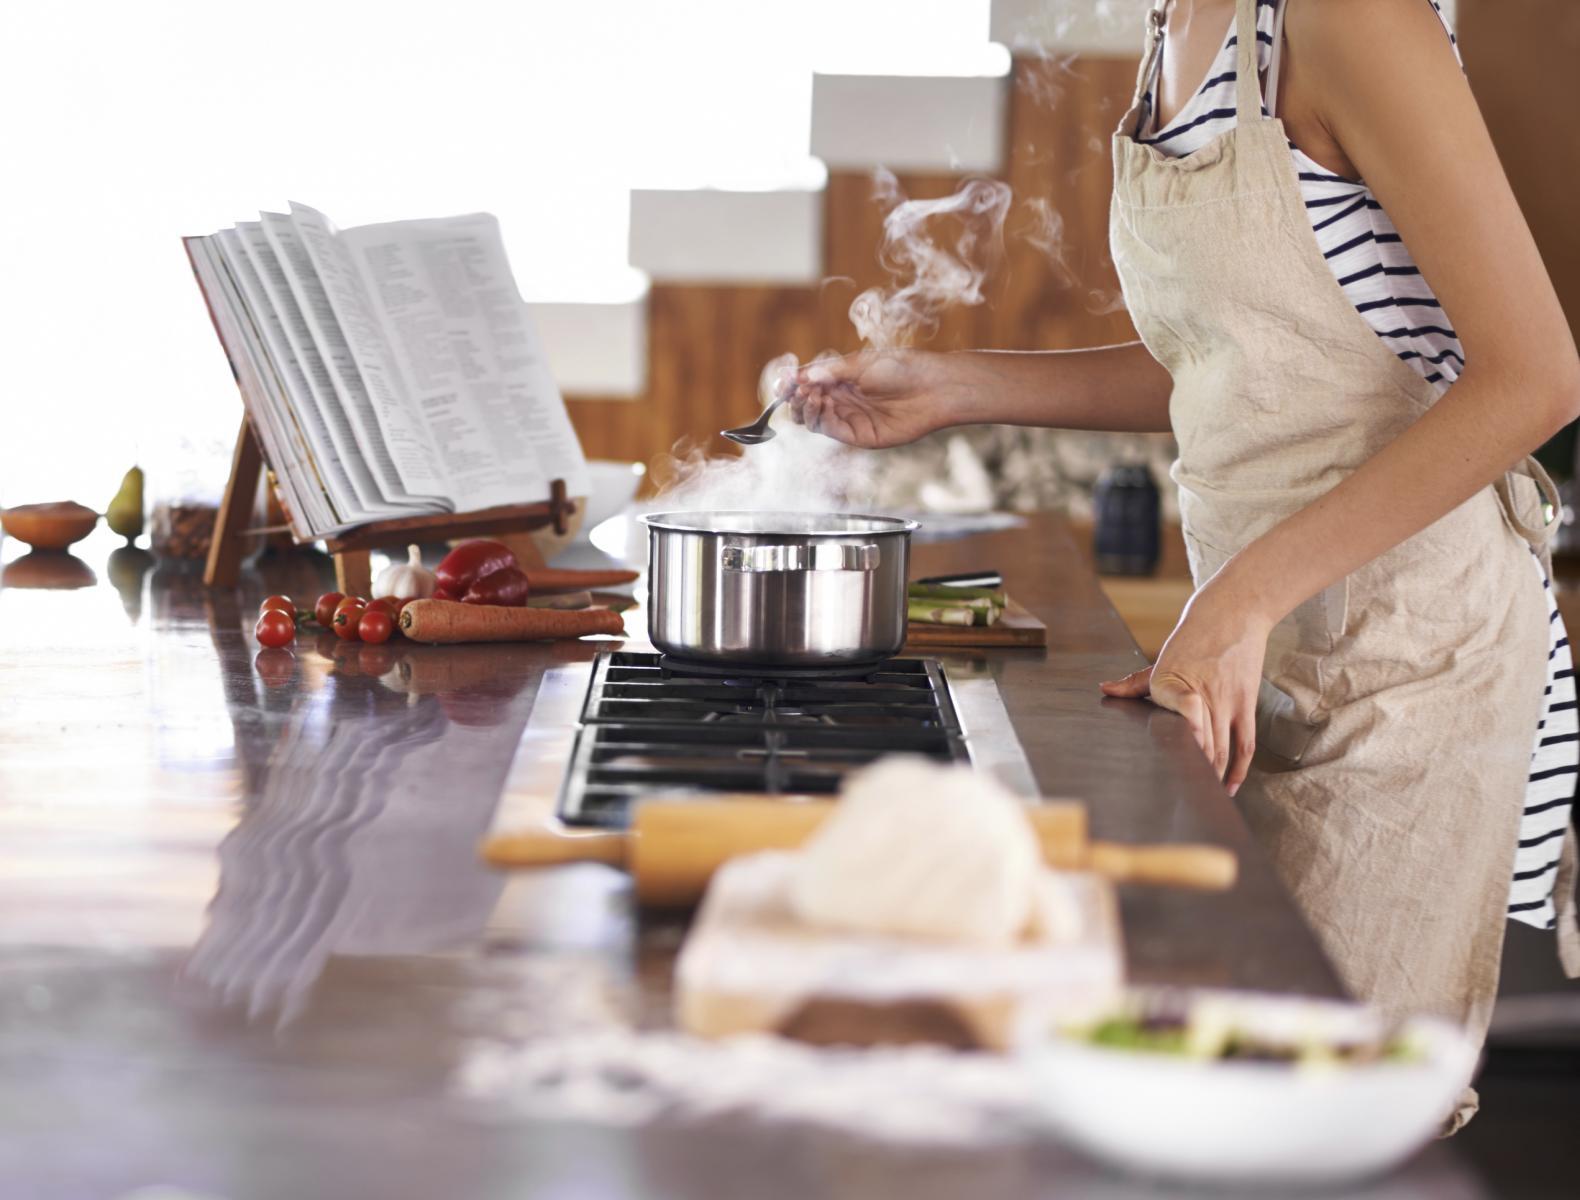 Kuhanje je nekima poseban gušt, no danas rijetko imamo vremena stajati satima uz štednjak. Ponekad si treba malo olakšati.